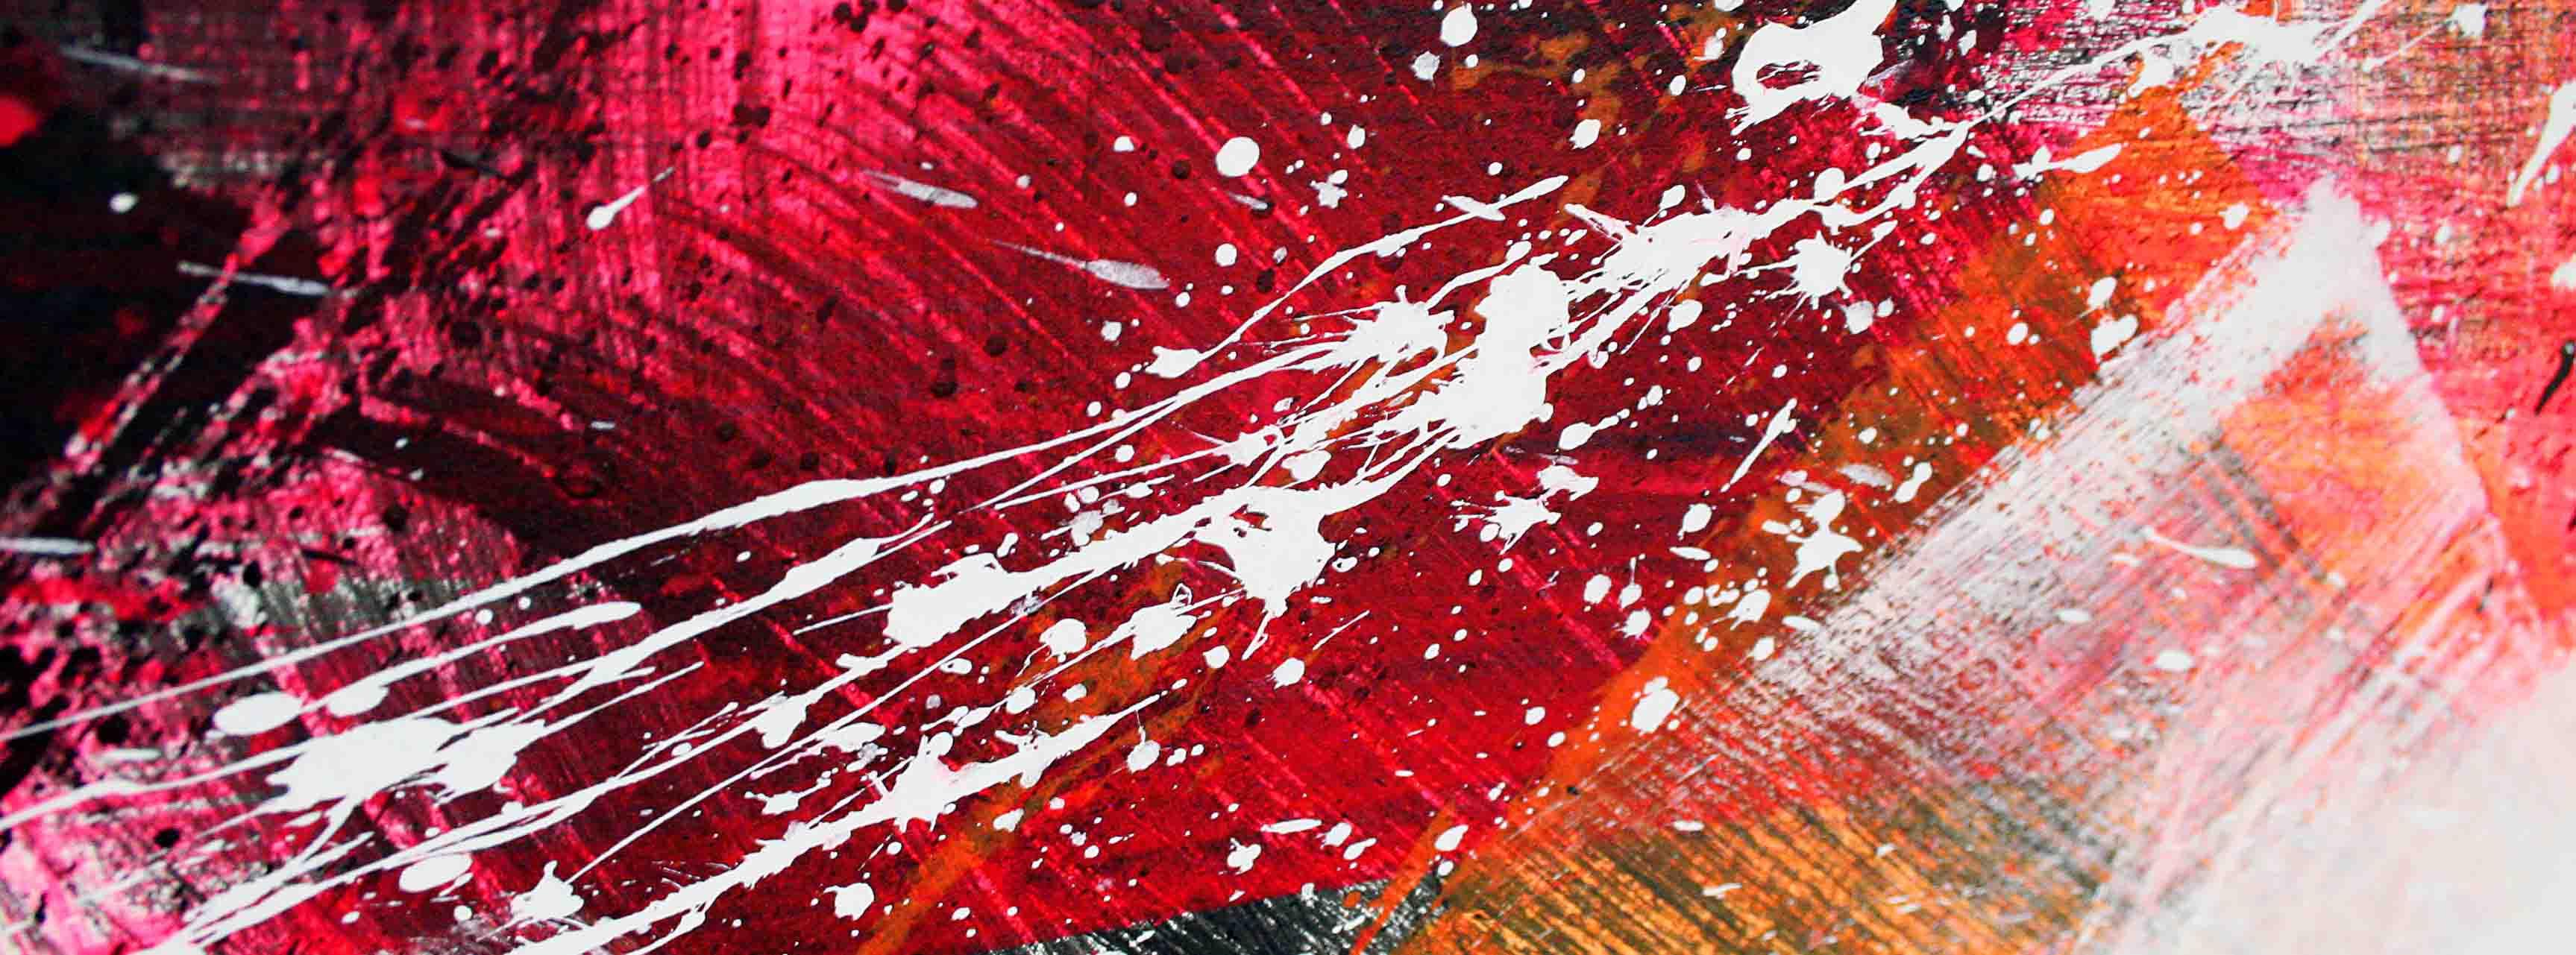 tache et zoom sur une peinture abstraite